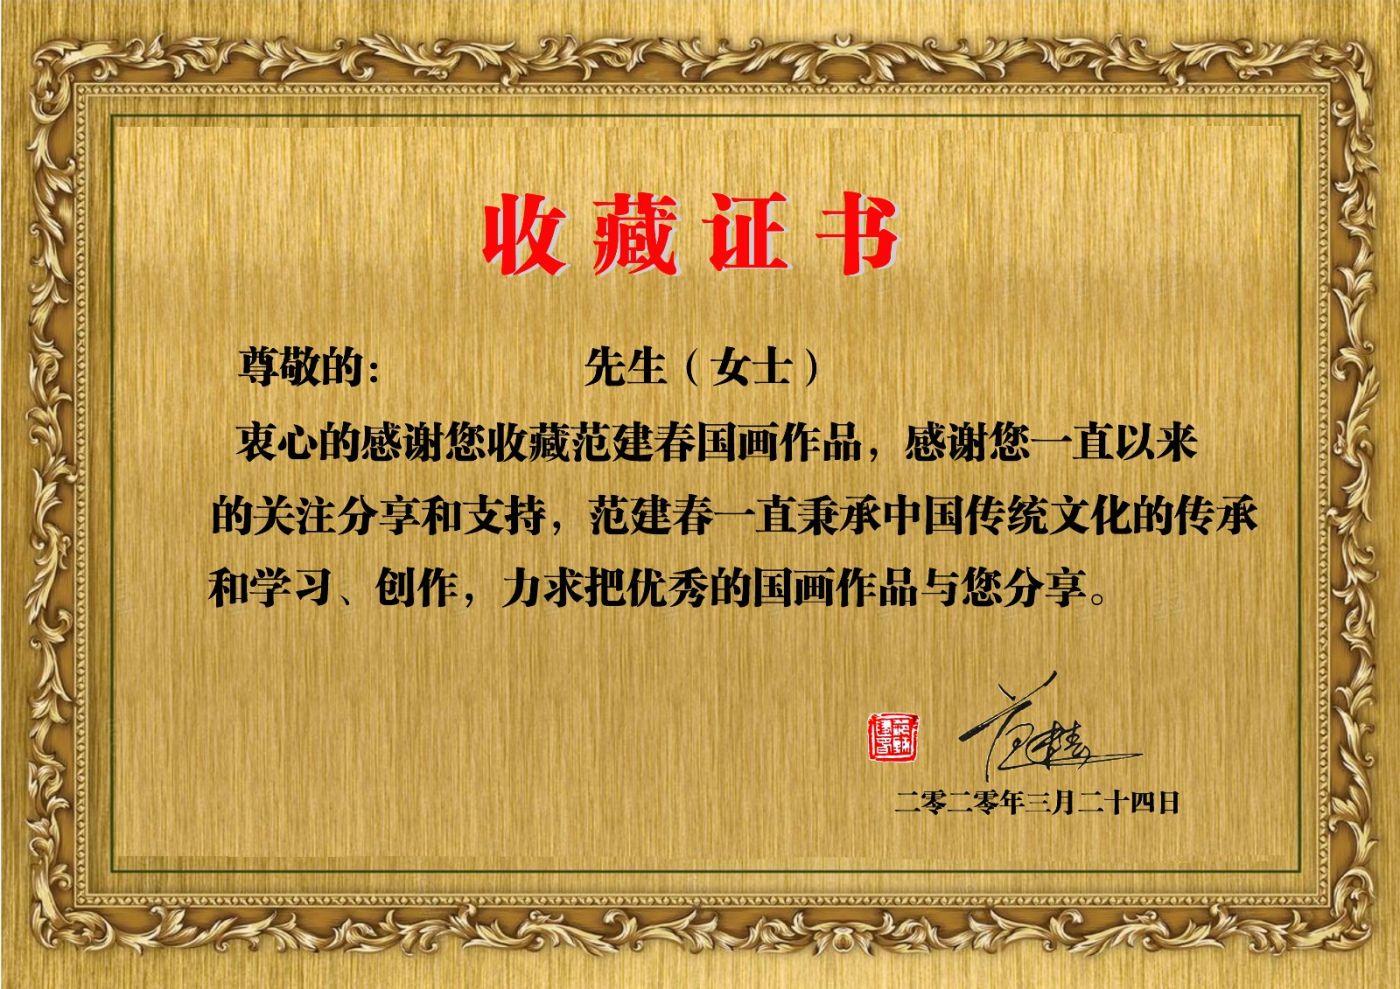 欢迎收藏范建春国画山水作品_图1-1